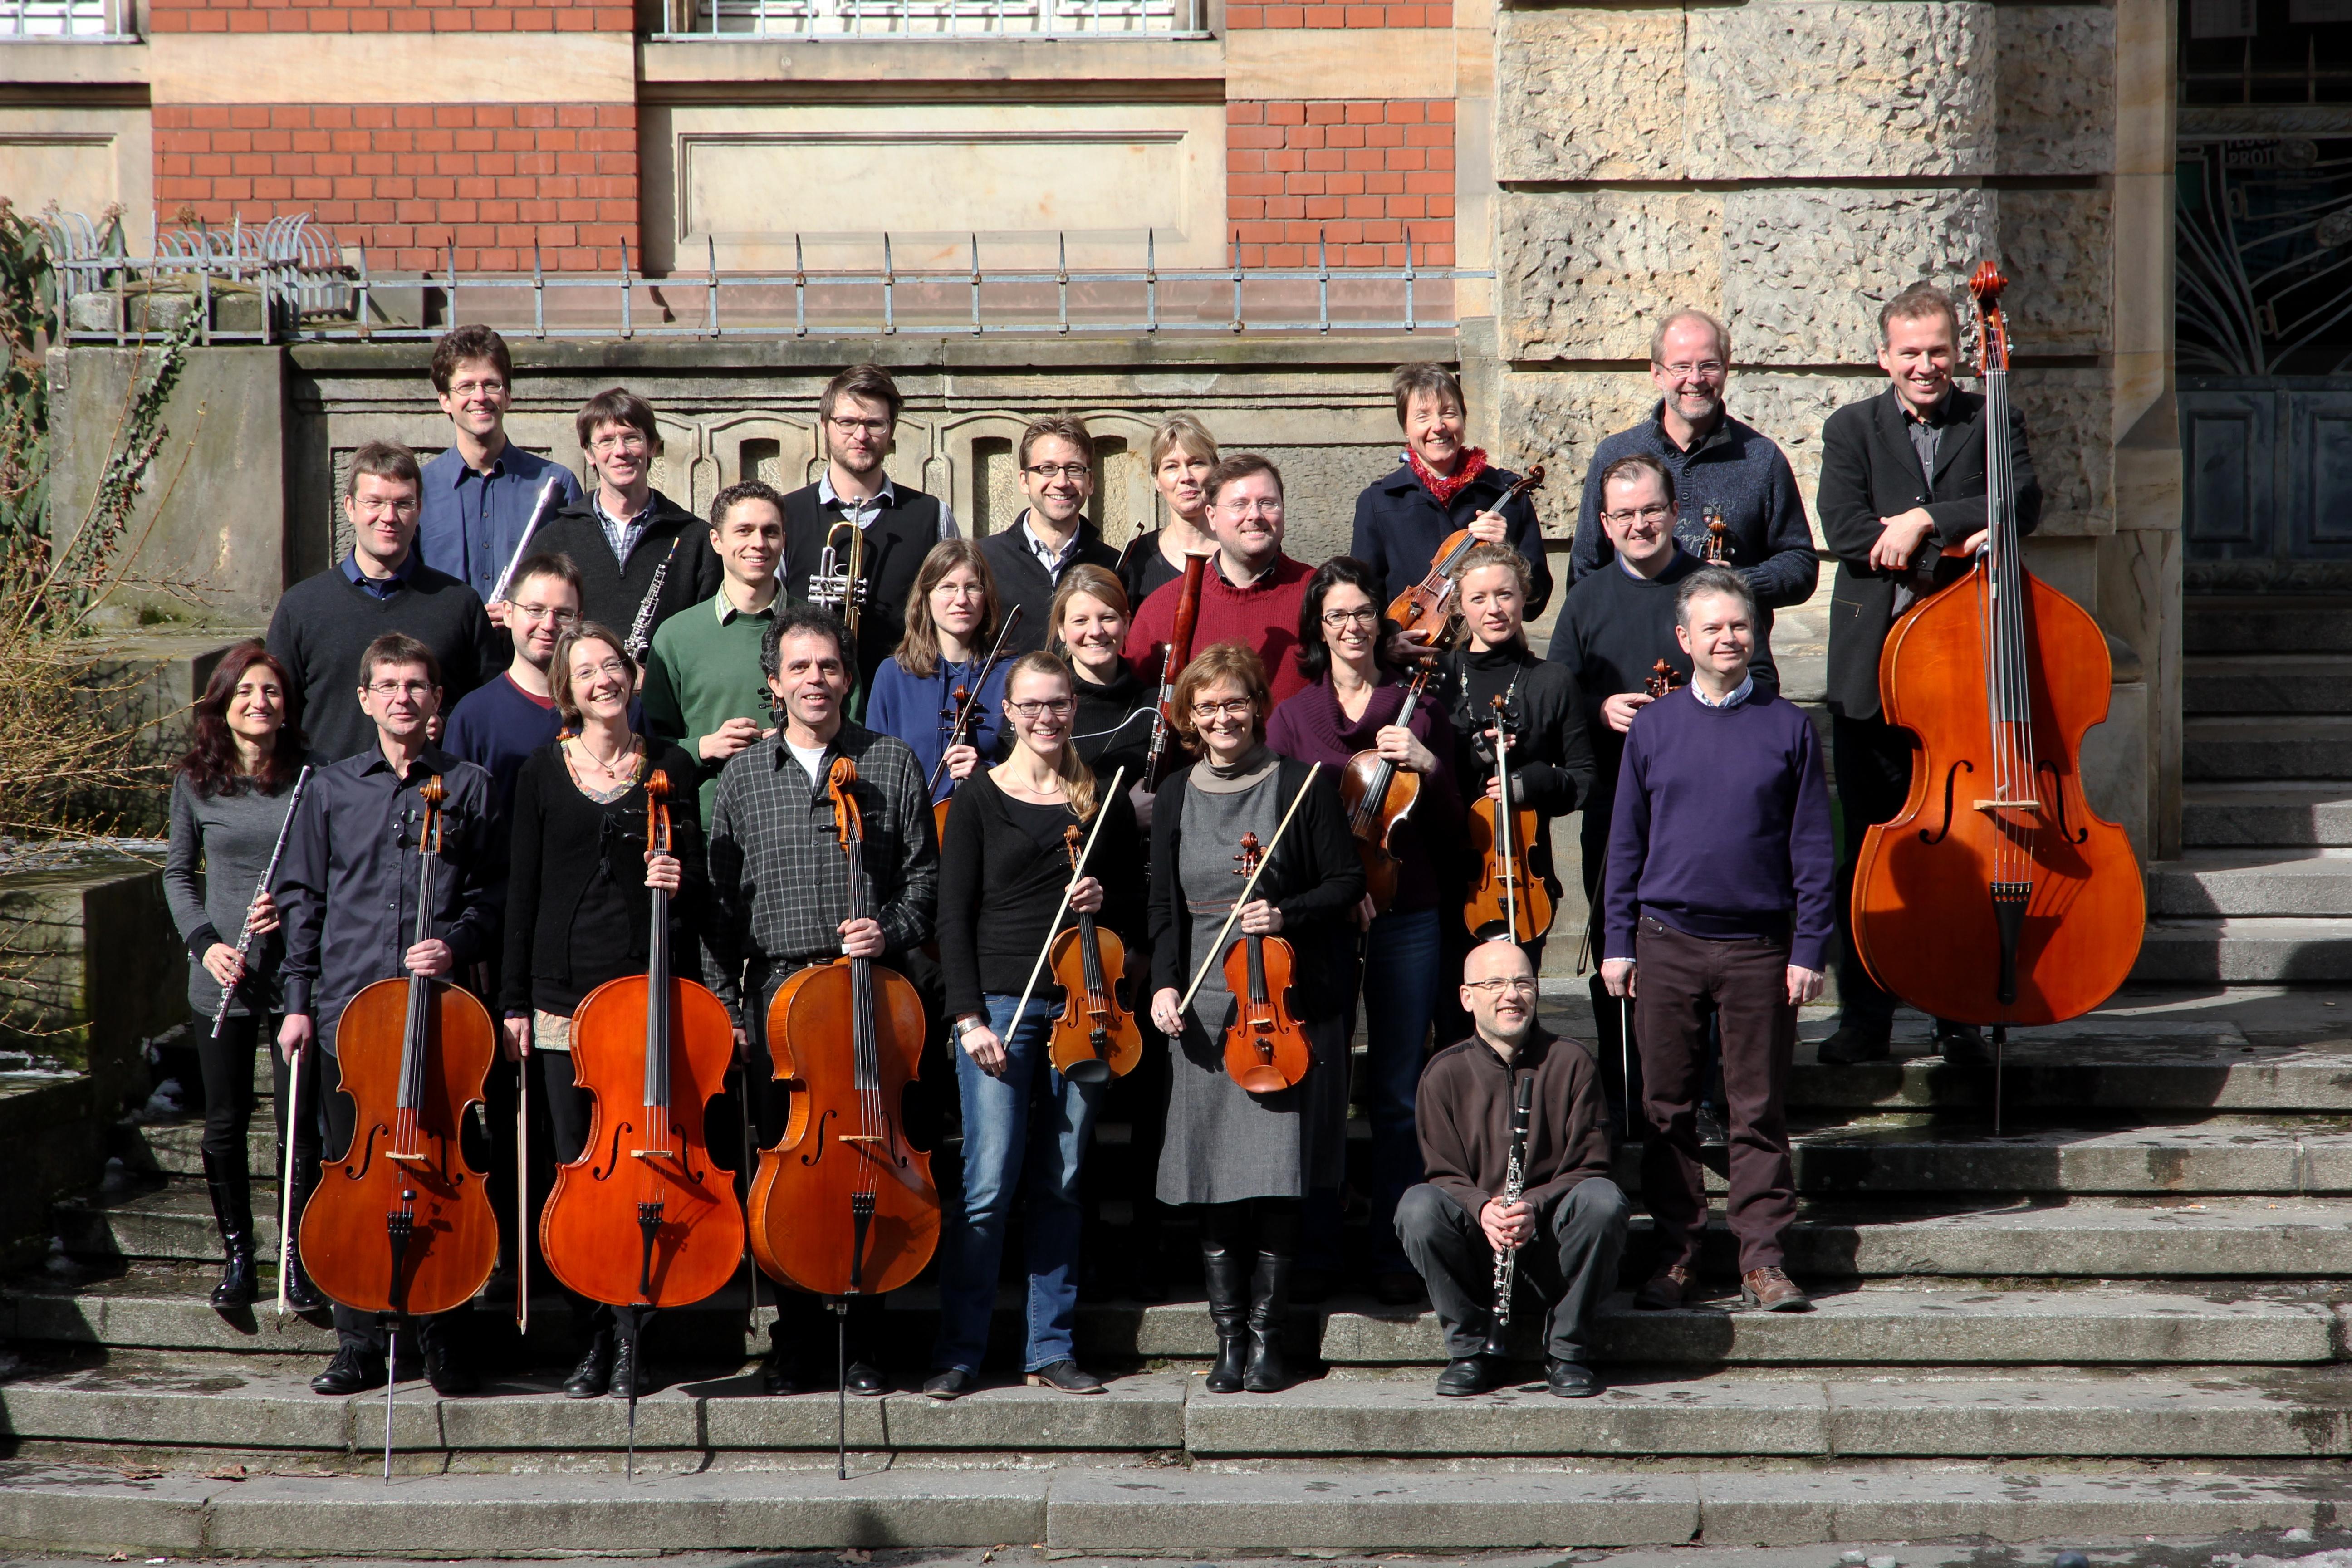 Das Kammerorchester an der TU Darmstadt